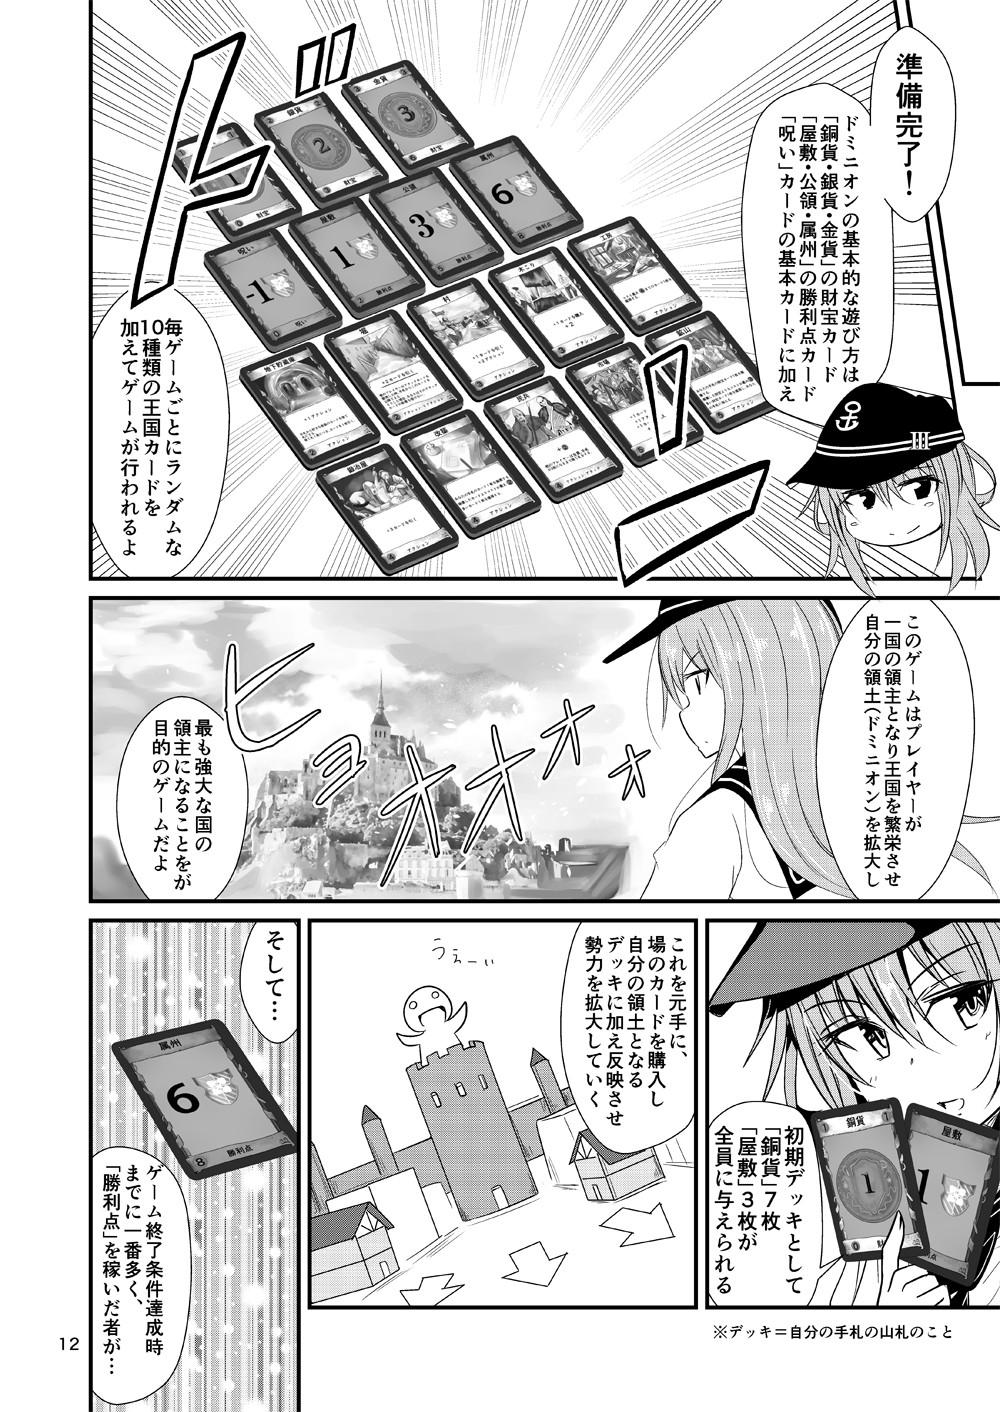 ゲームマスター響〜ドミニオン編〜のサンプル画像3